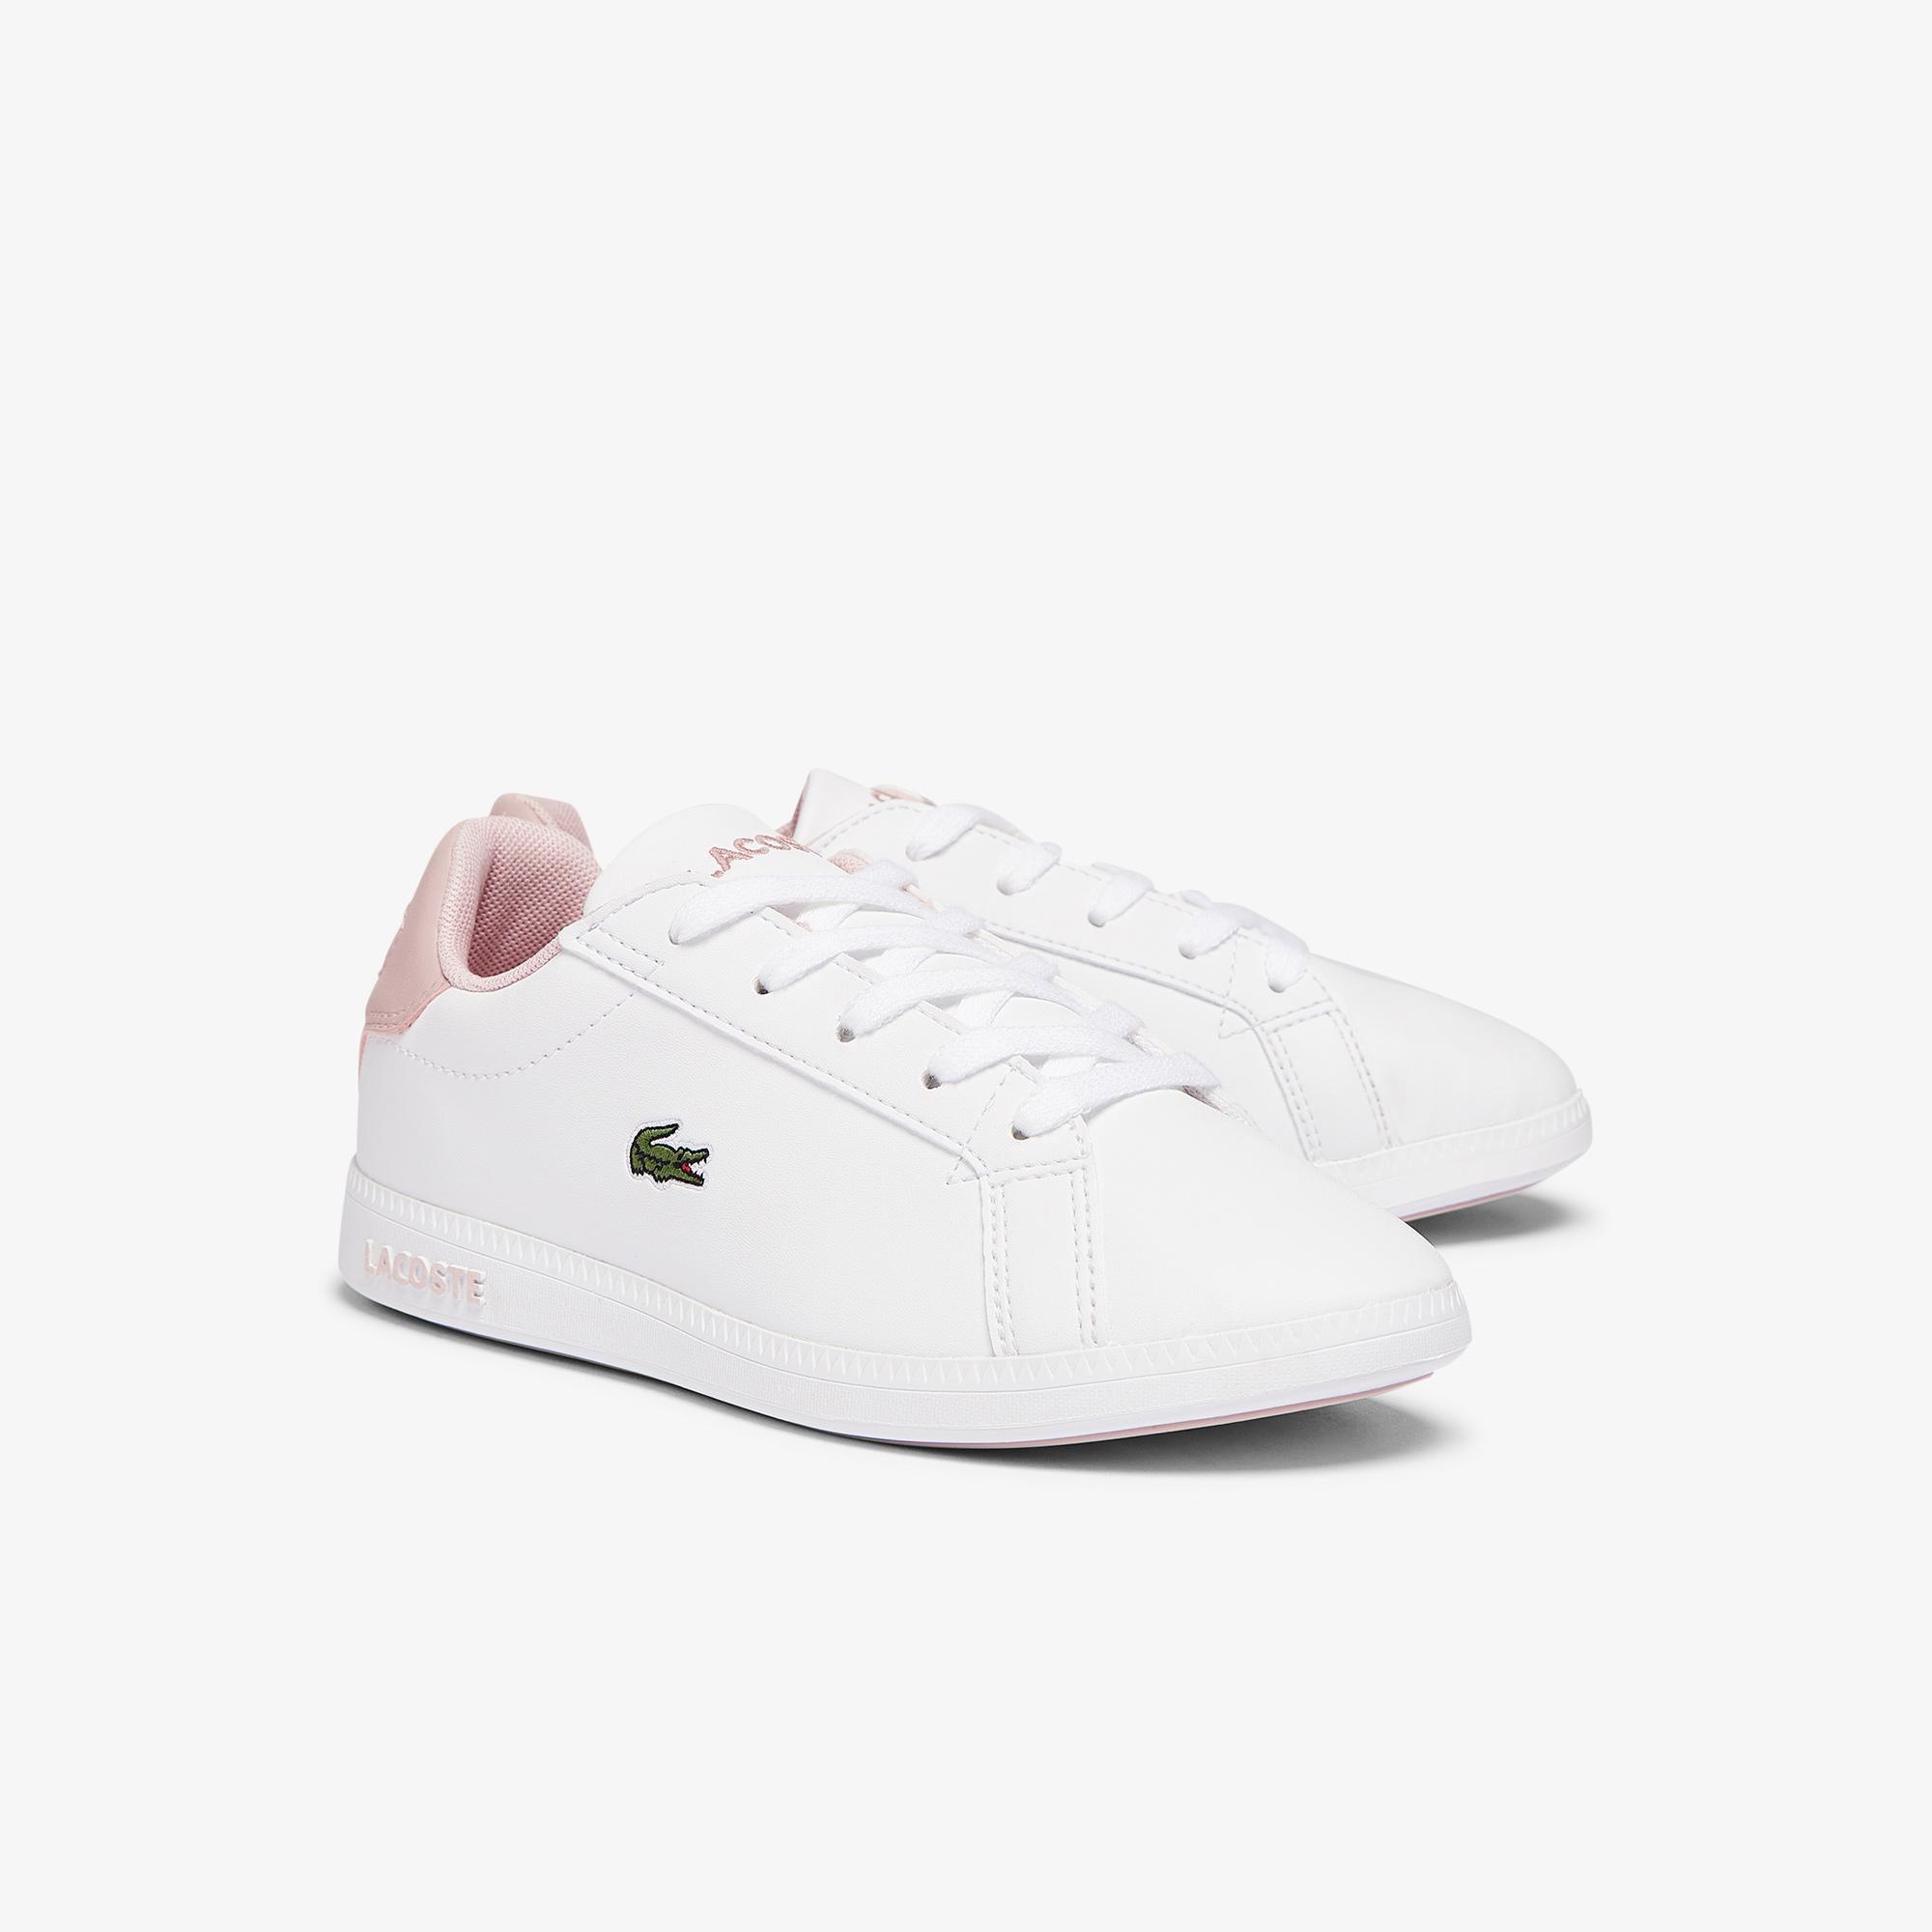 Lacoste Kids' Shoes